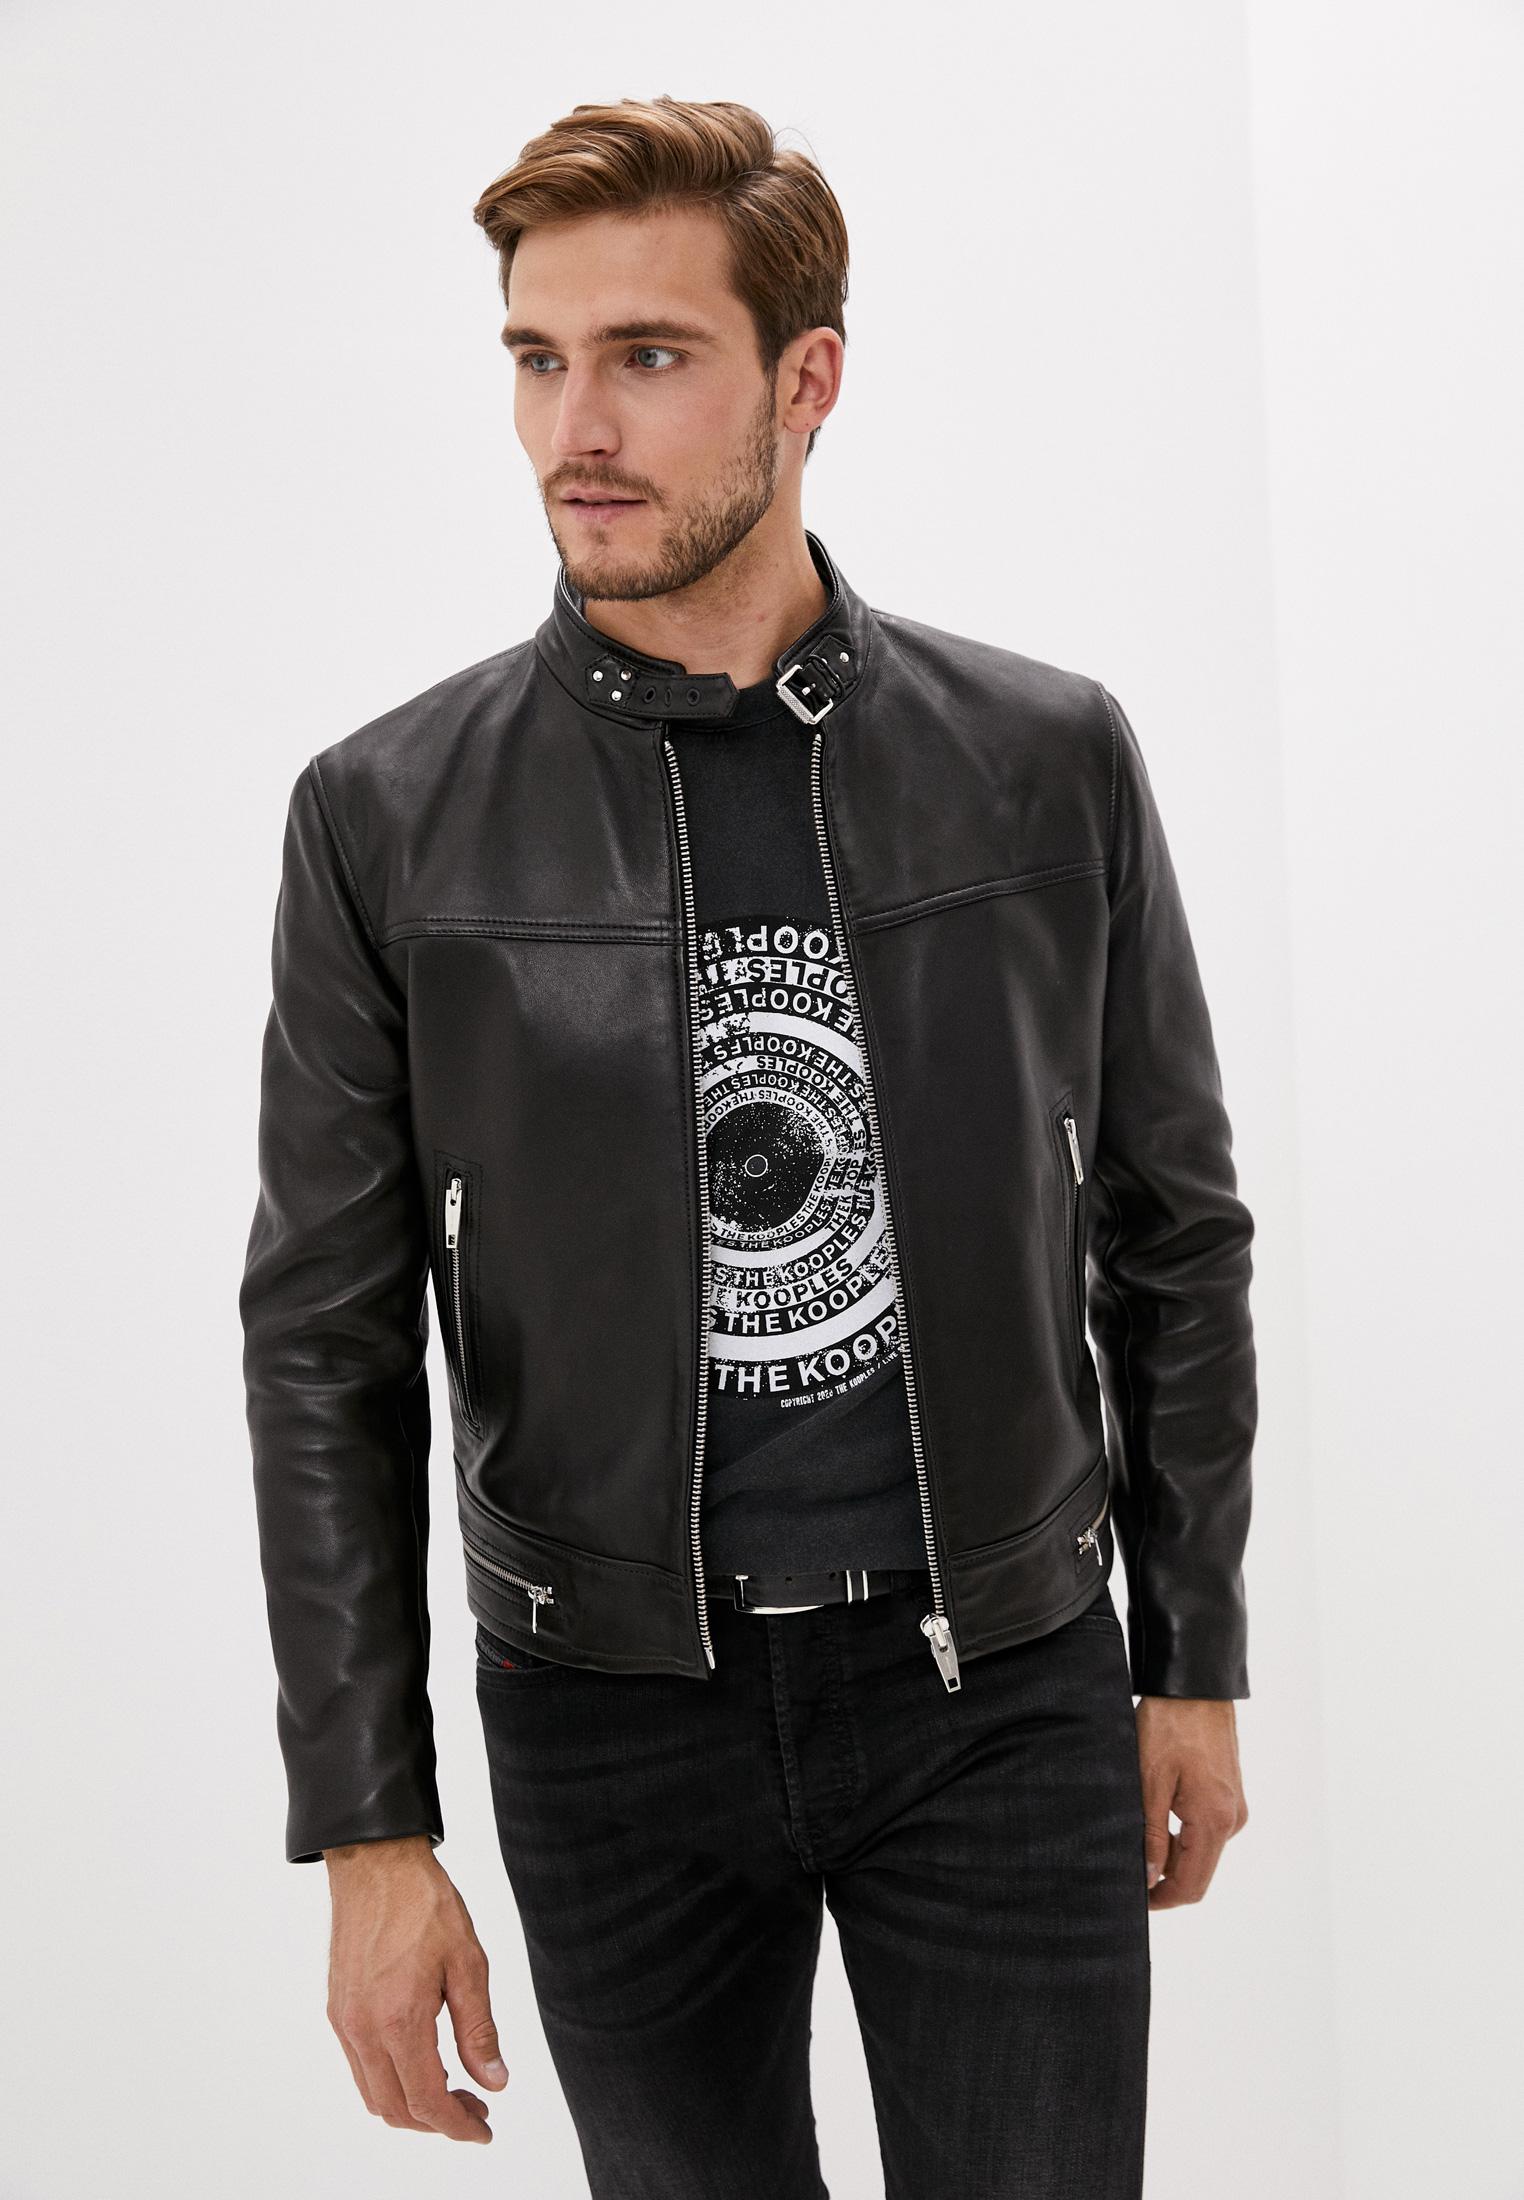 Кожаная куртка The Kooples HCUI21000K